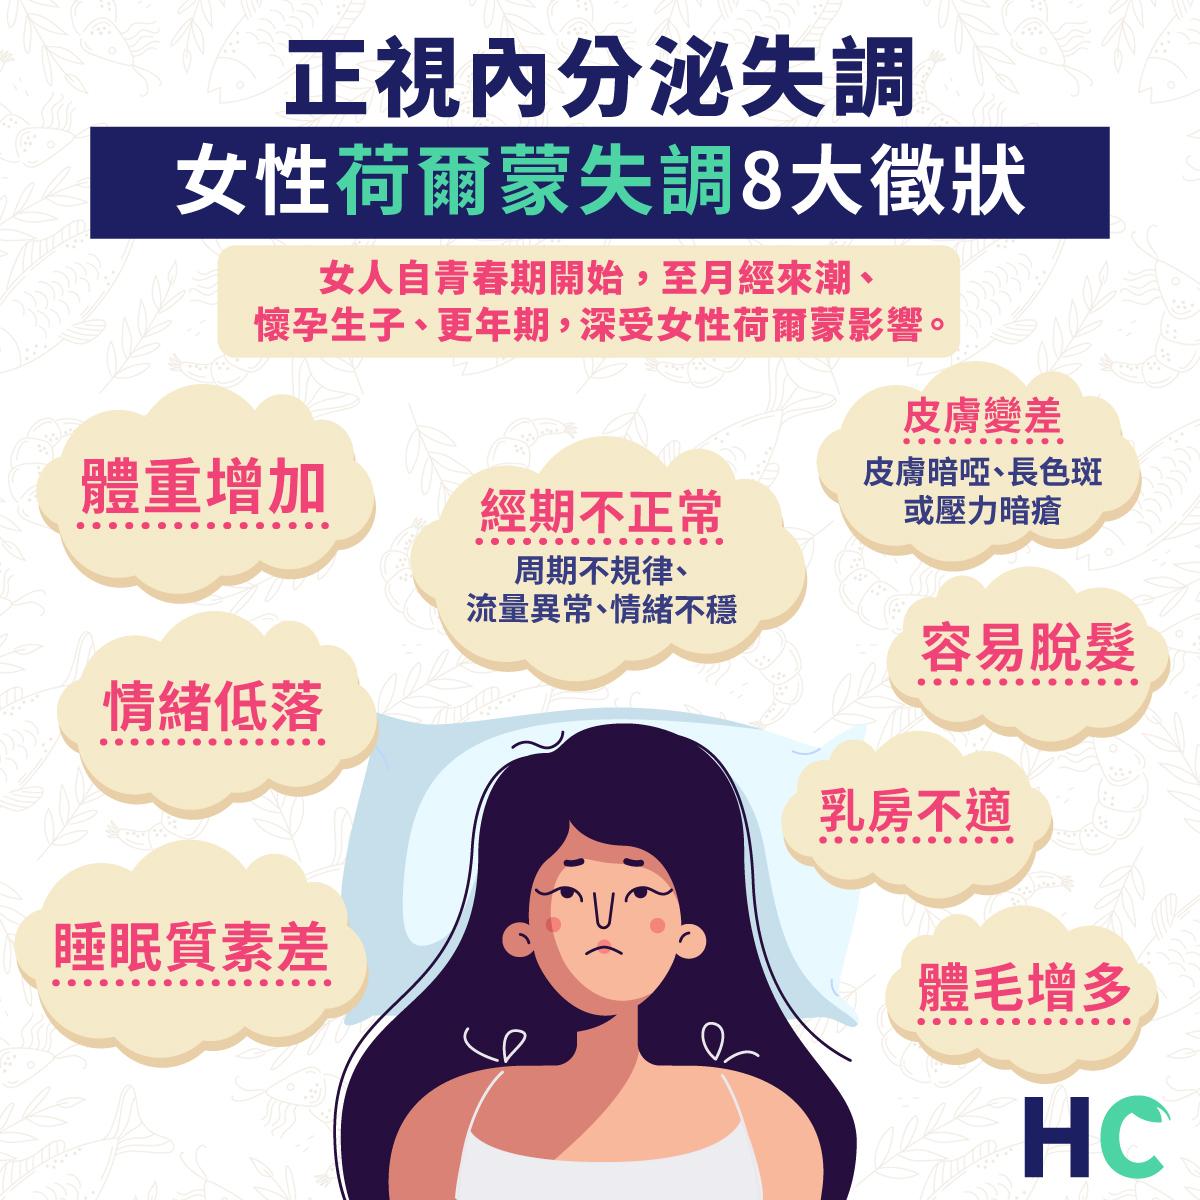 正視內分泌失調 女性荷爾蒙失調8大徵狀